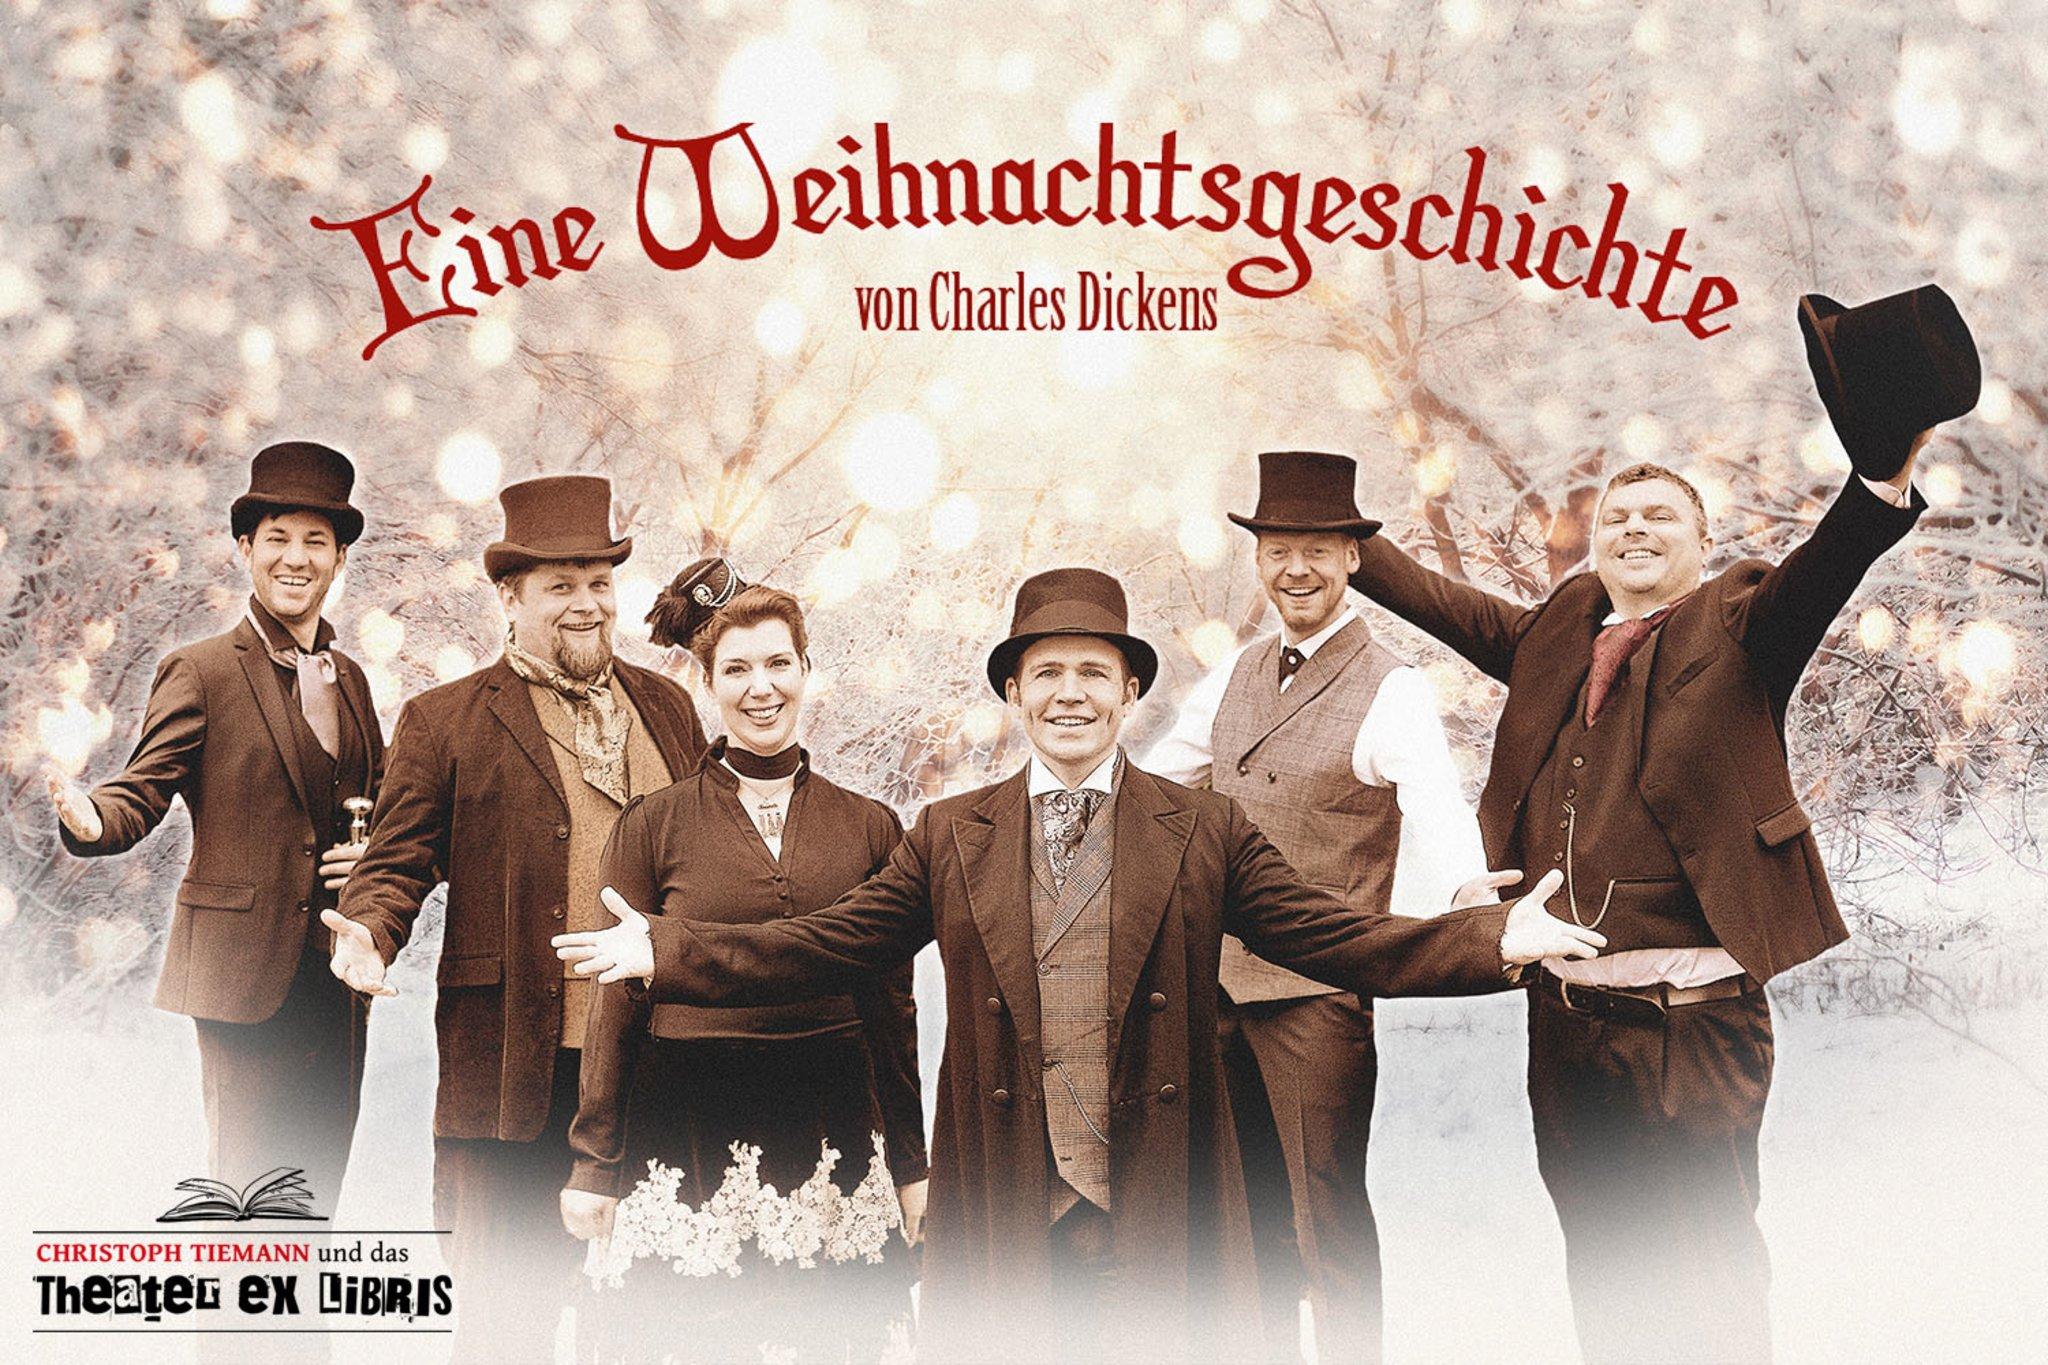 """Theater ex libris zu Gast in Dorsten: Charles Dickens """"Eine Weihnachtsgeschichte"""" - Dorsten - Lokalkompass.de"""